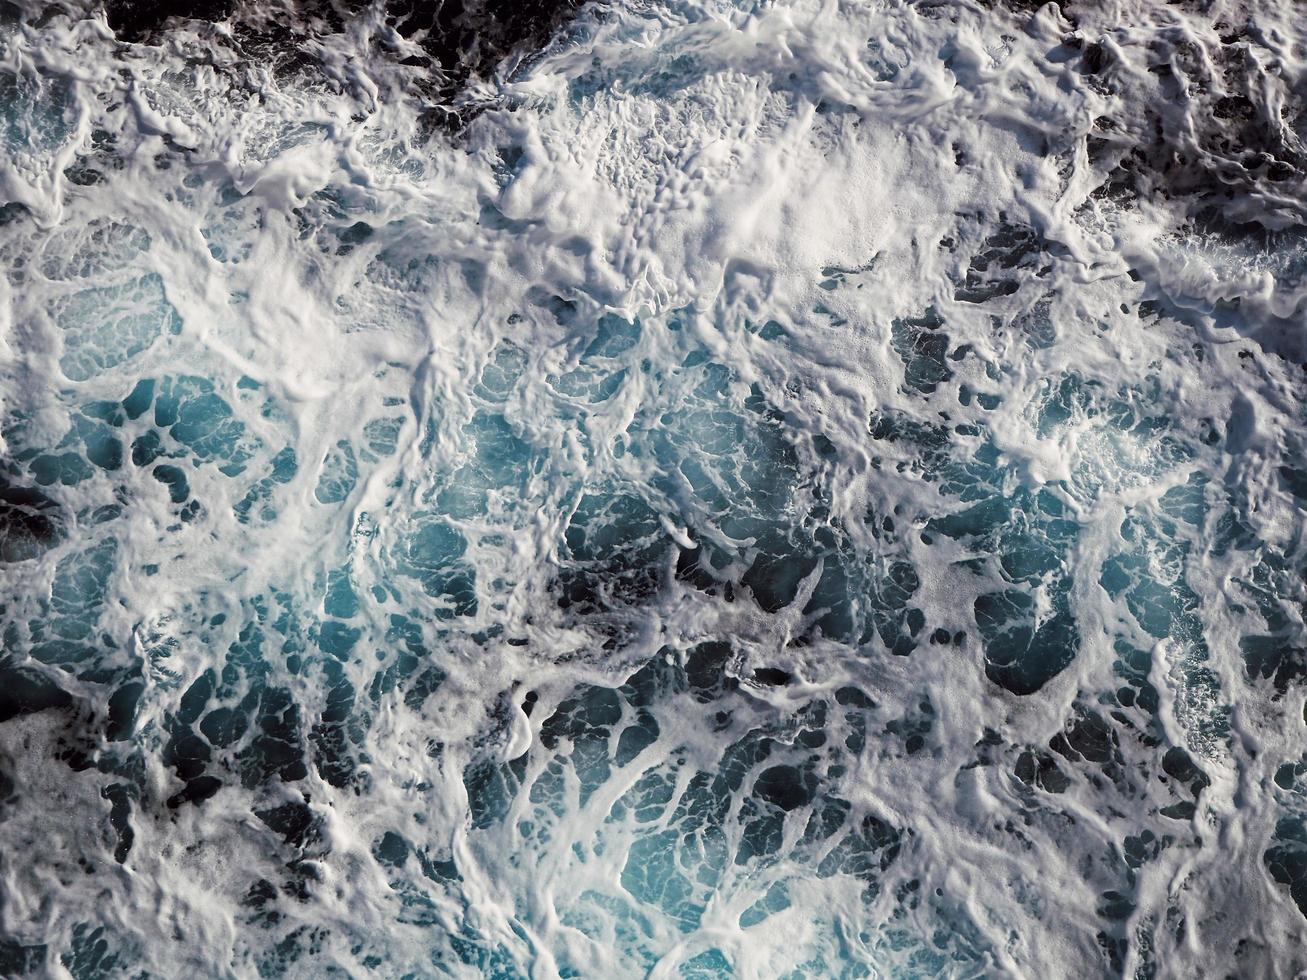 Schaum auf den Wellen foto